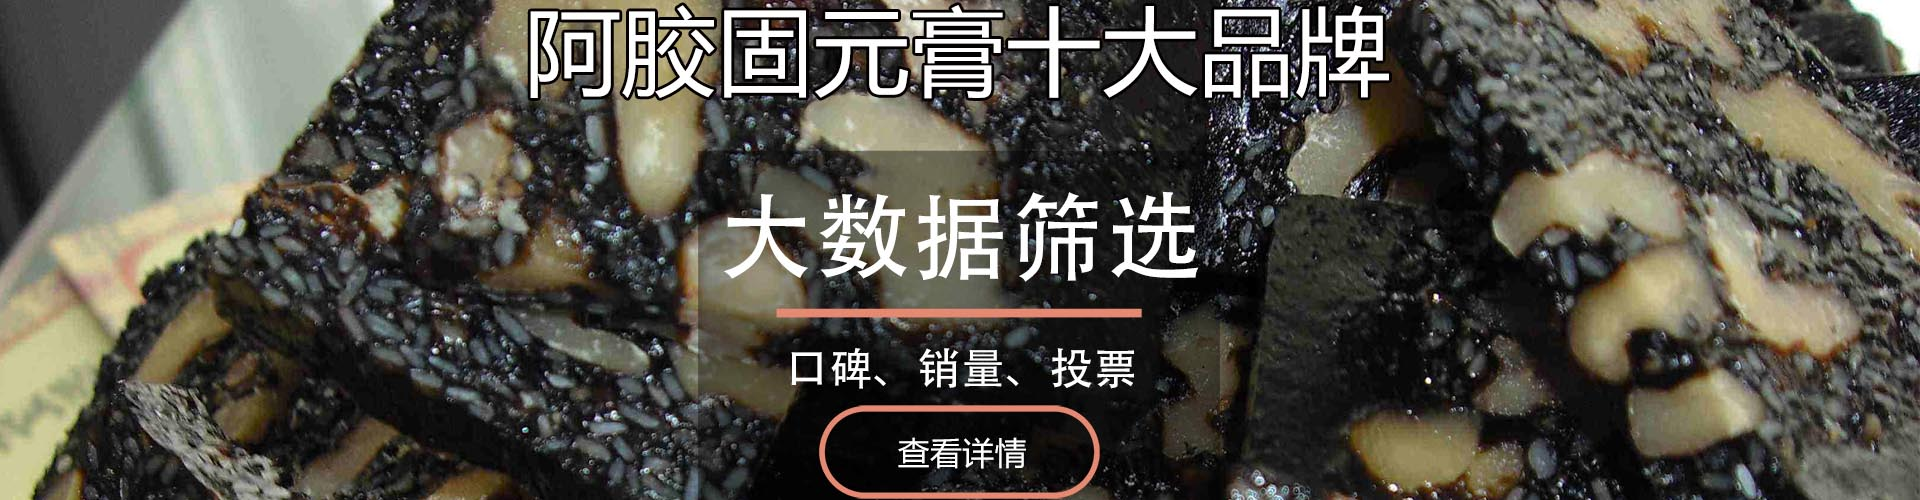 阿胶固元膏十大品牌排行榜